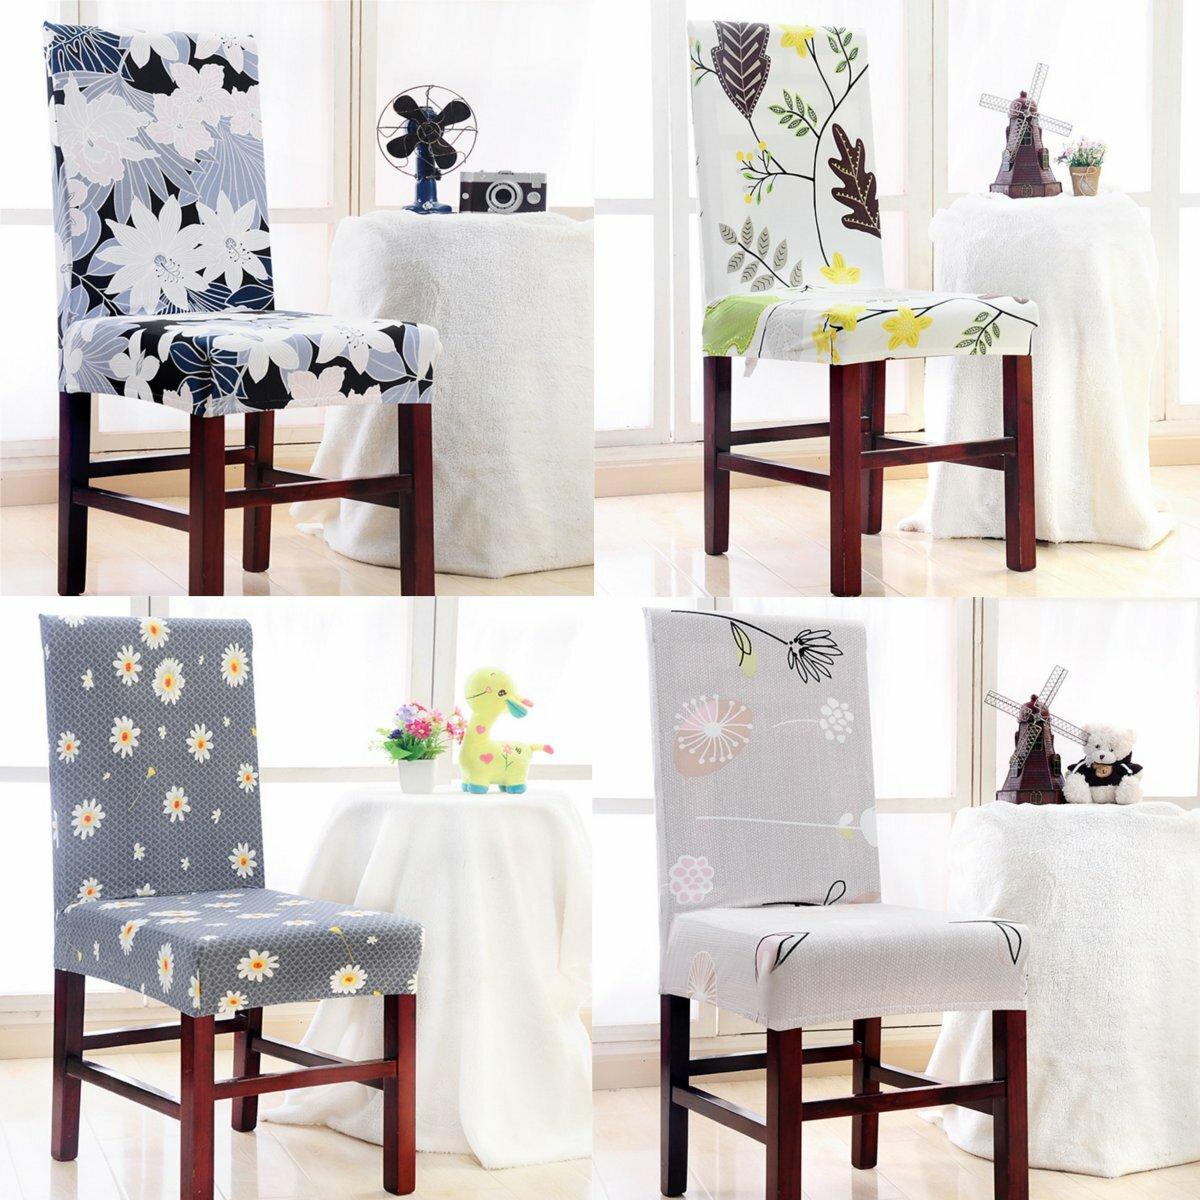 Cubierta de la silla del hogar Elástico Anti-fouling Asiento Sub-set Sillas Cubierta para Hotel Cena Oficina